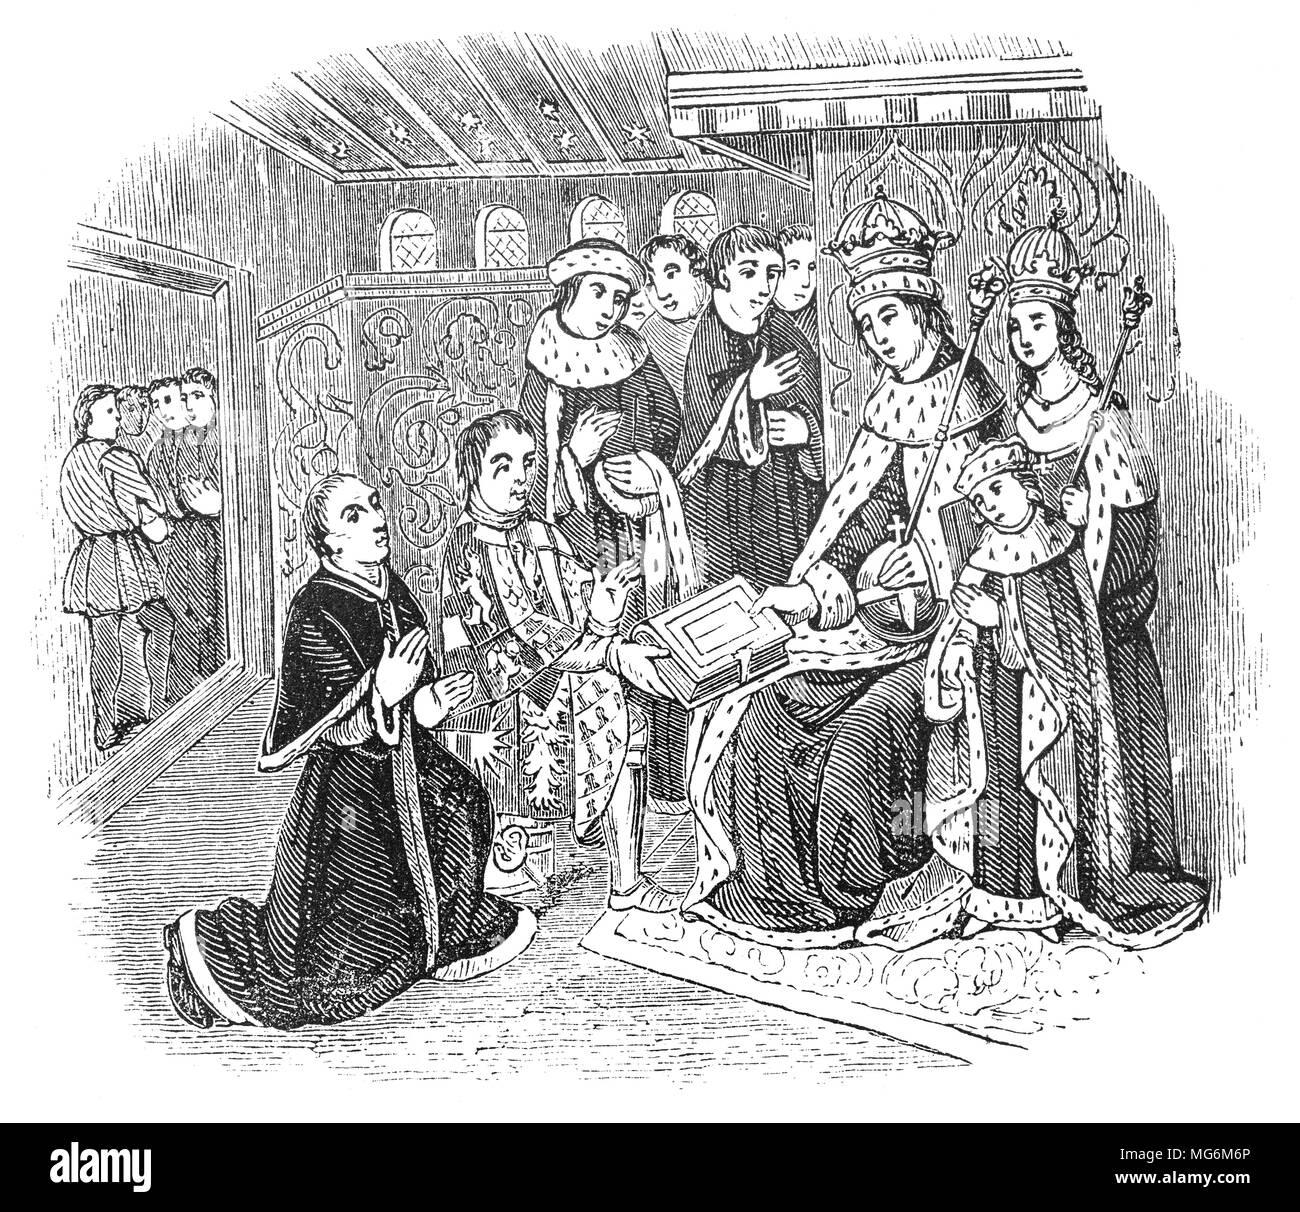 Richard Woodville, comte Rivers (1405 - 1469) d'un noble anglais, et le père de la Reine consort, Elizabeth Woodville présentant William Caxton (1422 - 1491) pour le roi Édouard IV. Caxton était le marchand anglais, l'écrivain et de l'imprimante pensé pour être la première personne à introduire une presse d'impression en Angleterre, en 1476. Le premier livre connu pour avoir été produit il y a une édition de Chaucer, Les Contes de Canterbury. Il a peut-être le premier imprimé versets de la Bible pour être imprimés en anglais, ainsi que des romances chevaleresque, des oeuvres classiques et de l'anglais et l'histoire romaine. Photo Stock